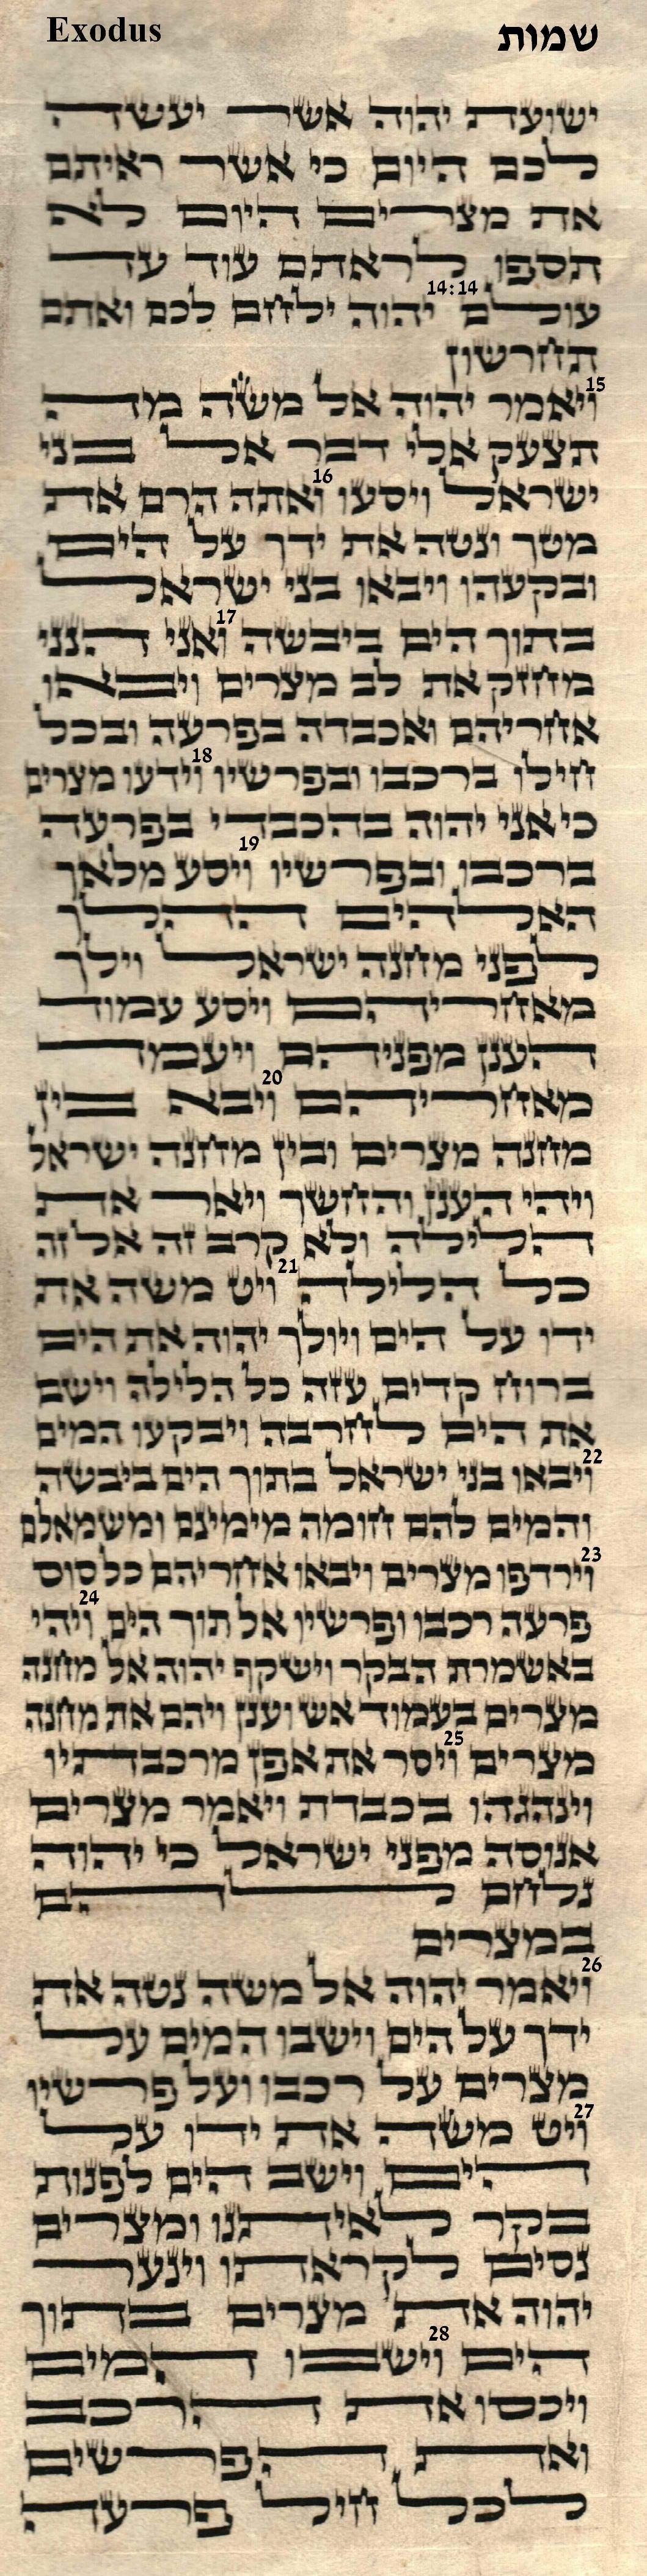 Exodus 14.14 - 14.28